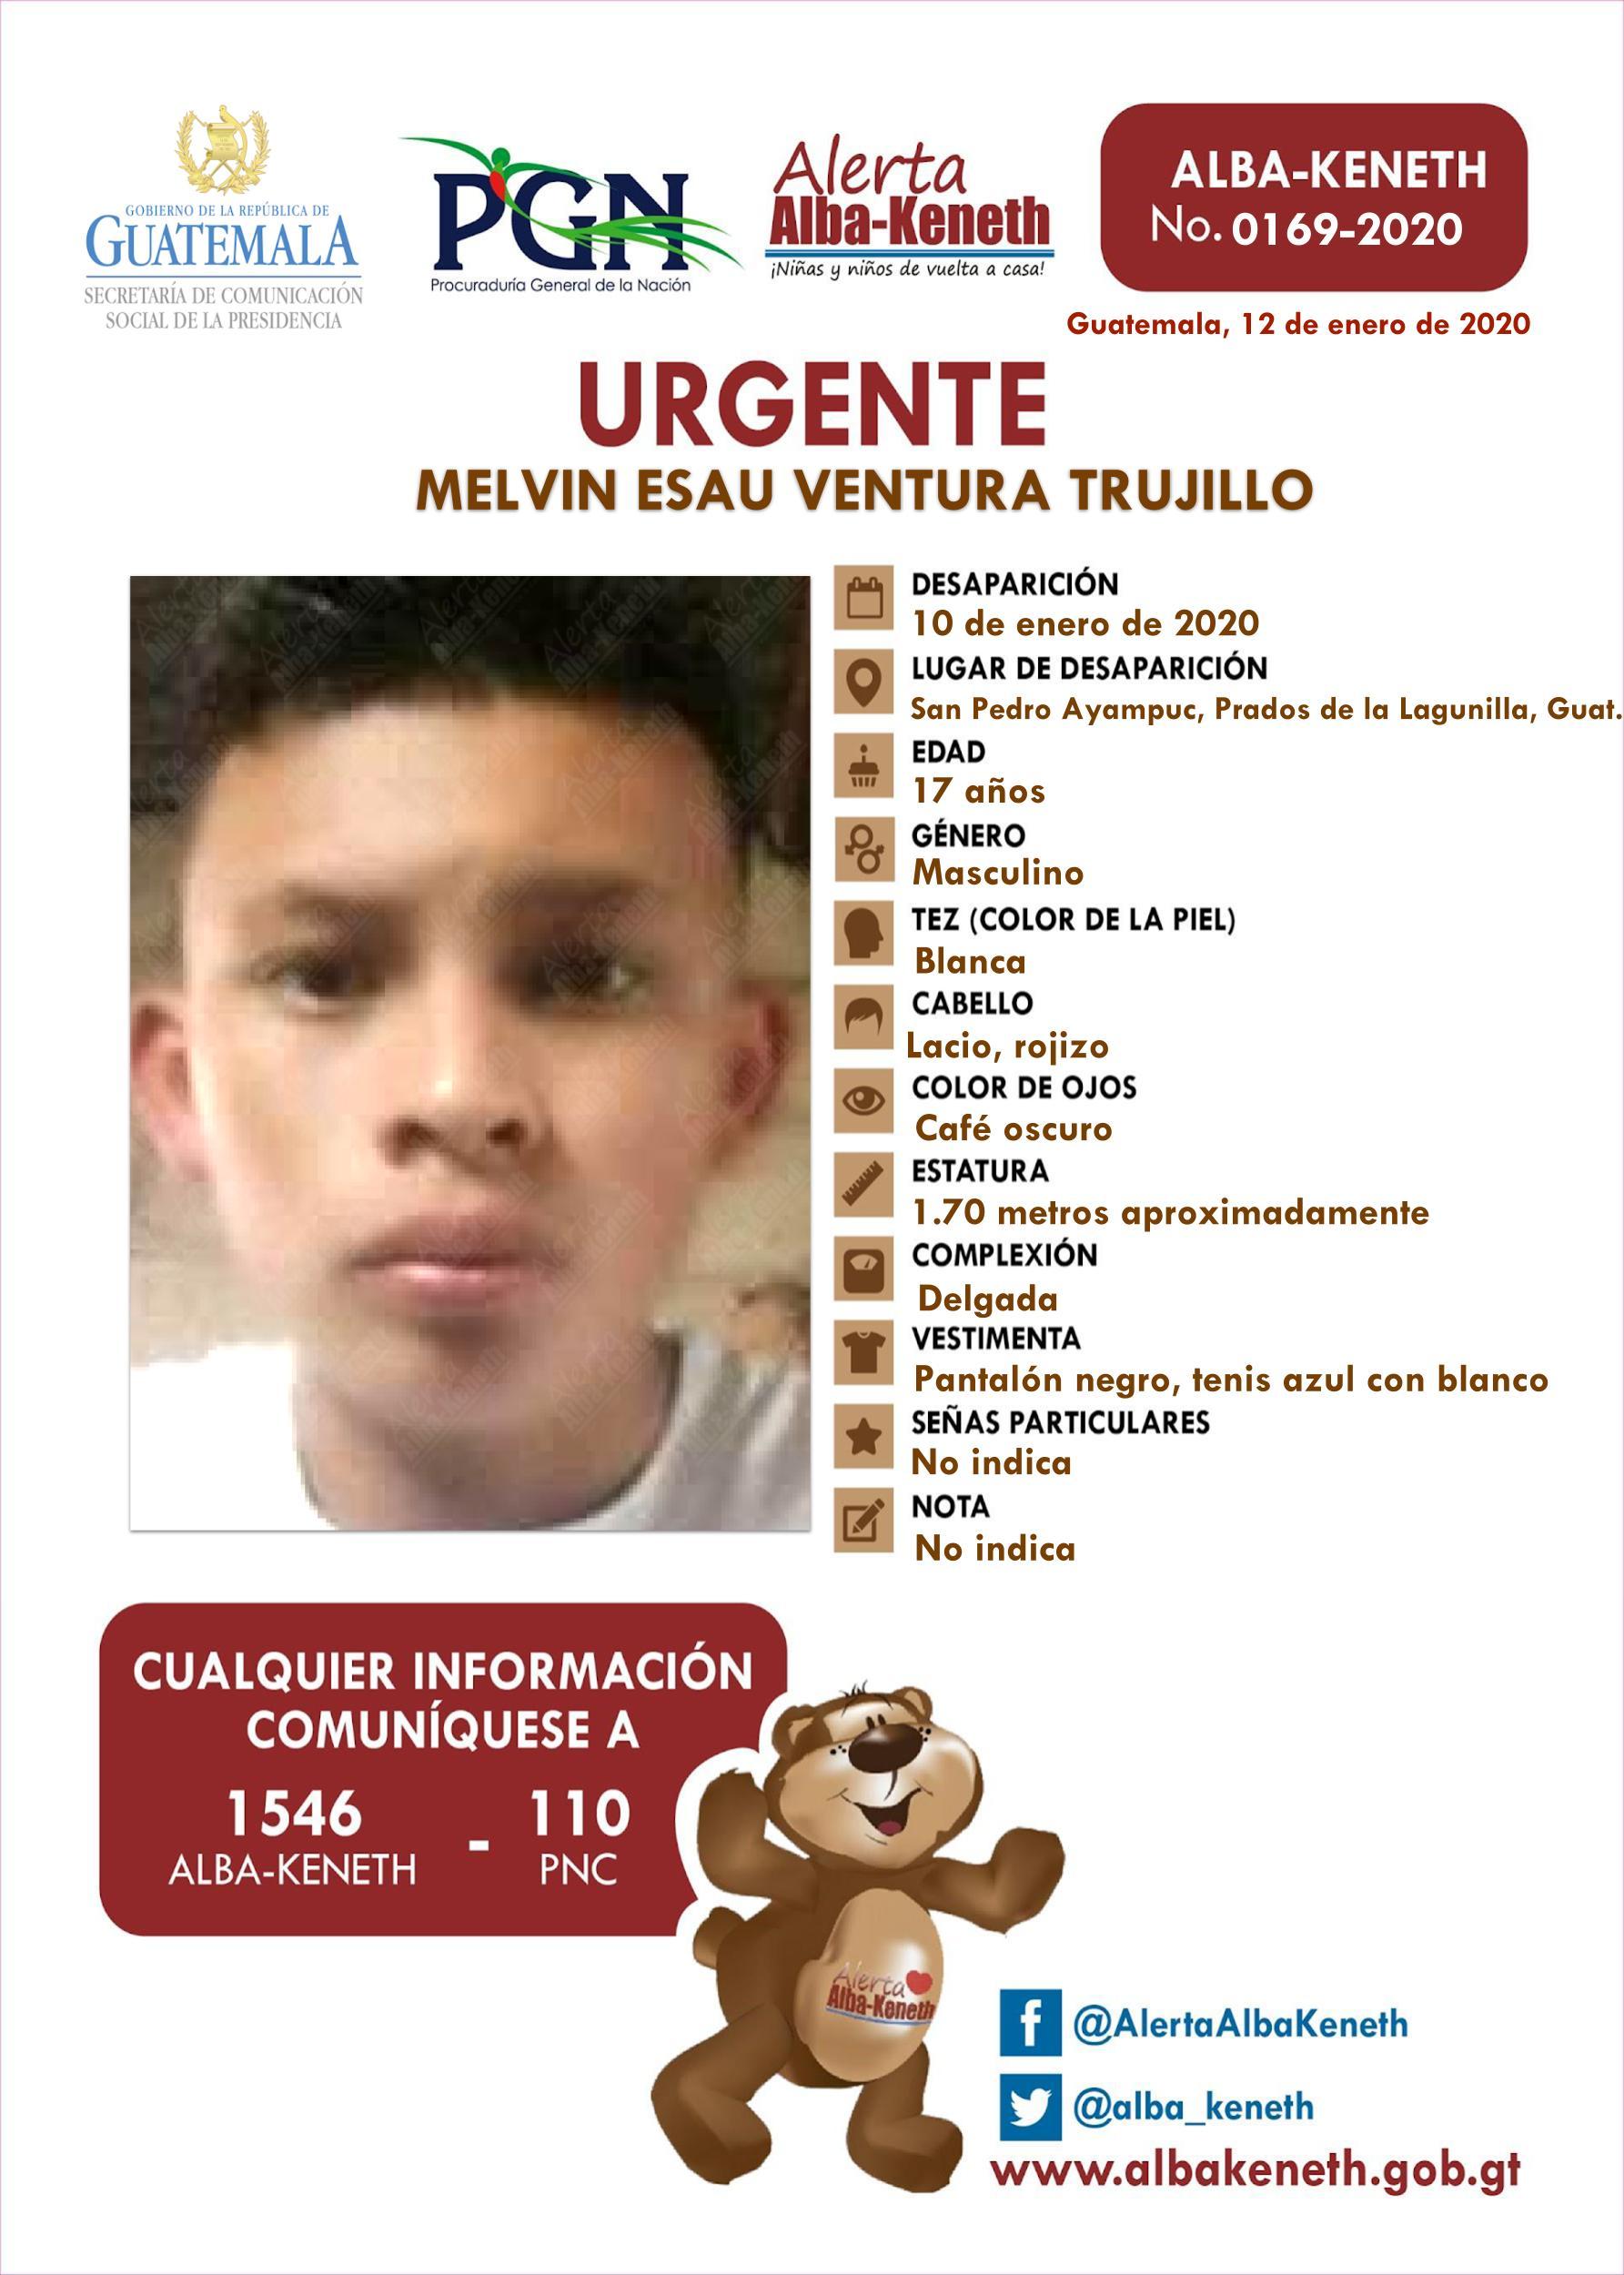 Melvin Esau Ventura Trujillo